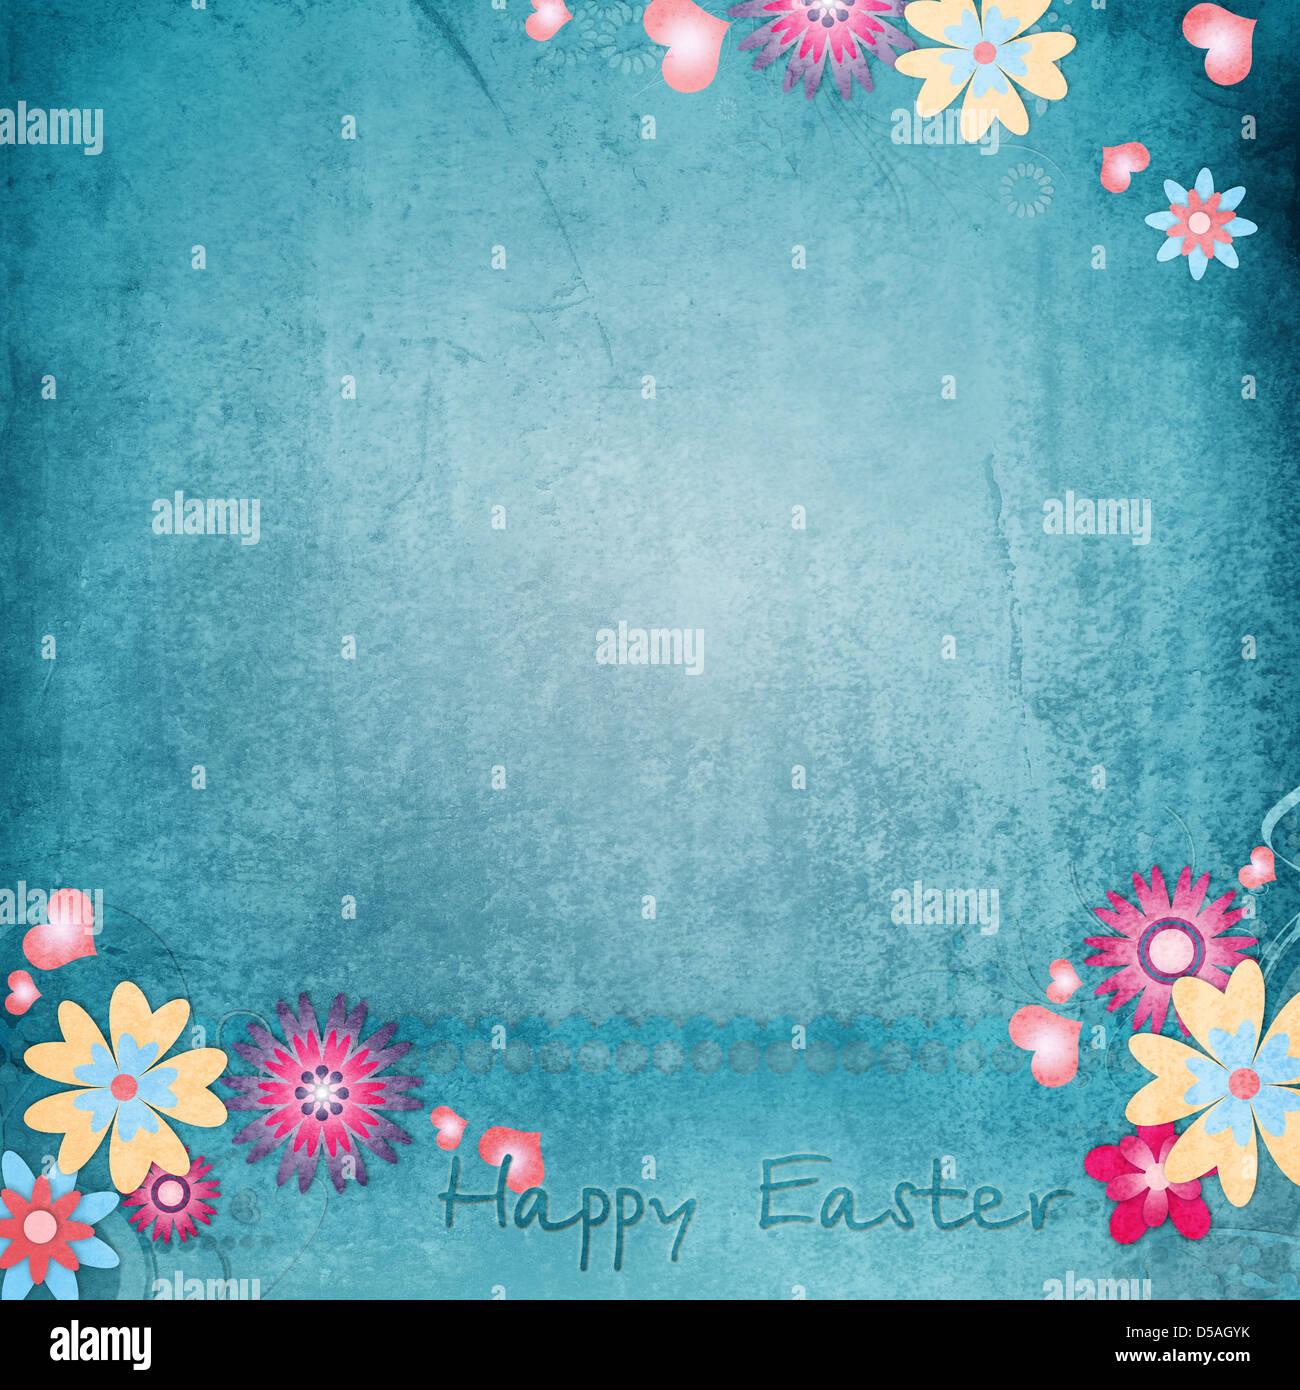 Frohe Ostern Grußkarte mit Blumen, Herzen Stockbild